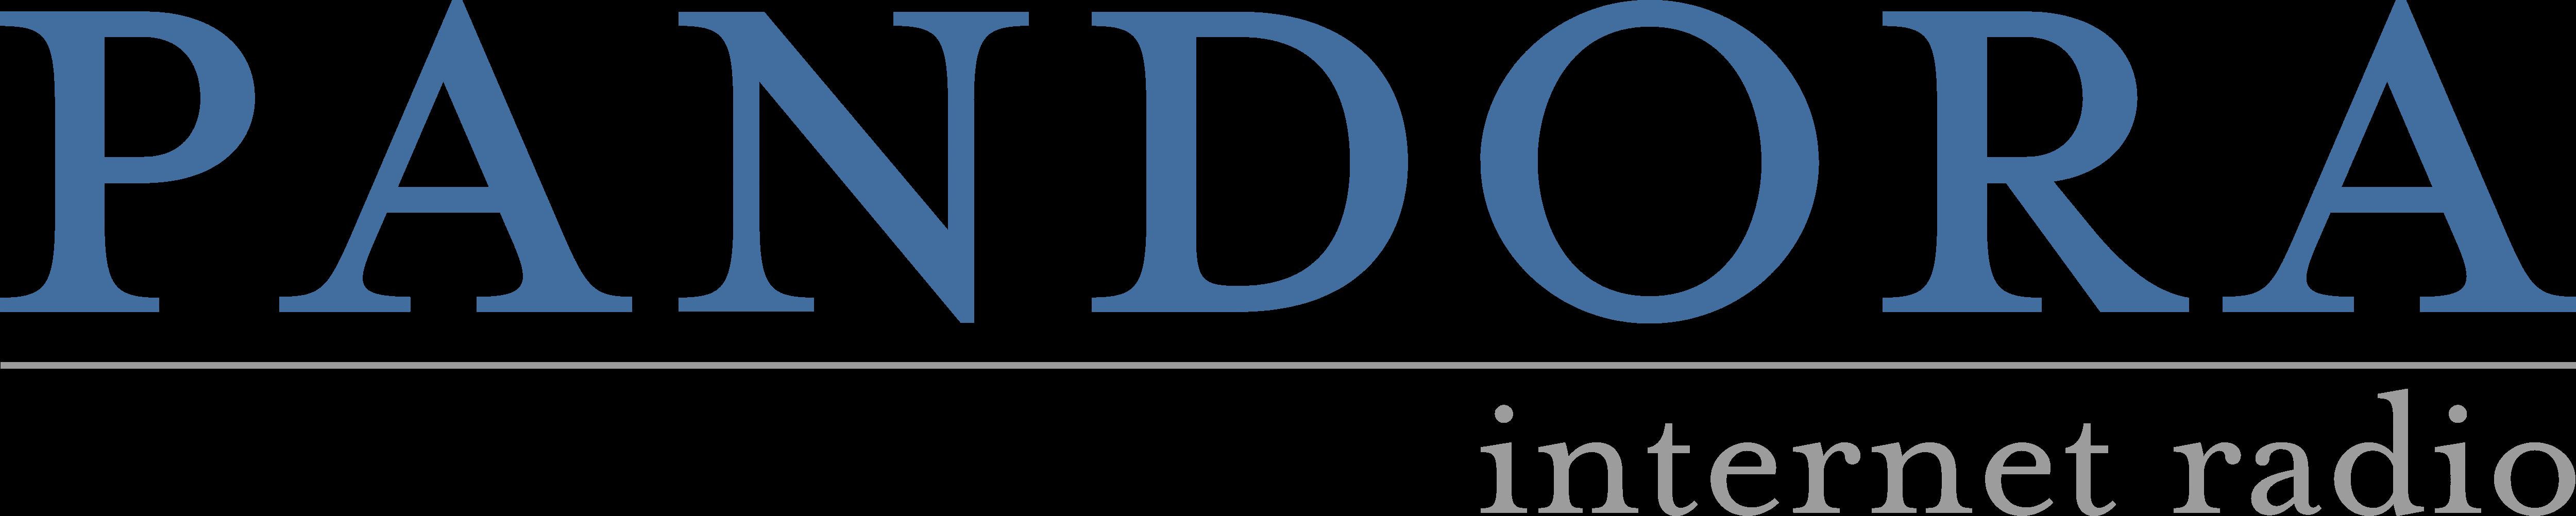 Pandora radio logo clipart clip art library Pandora Internet Radio – Logos Download clip art library